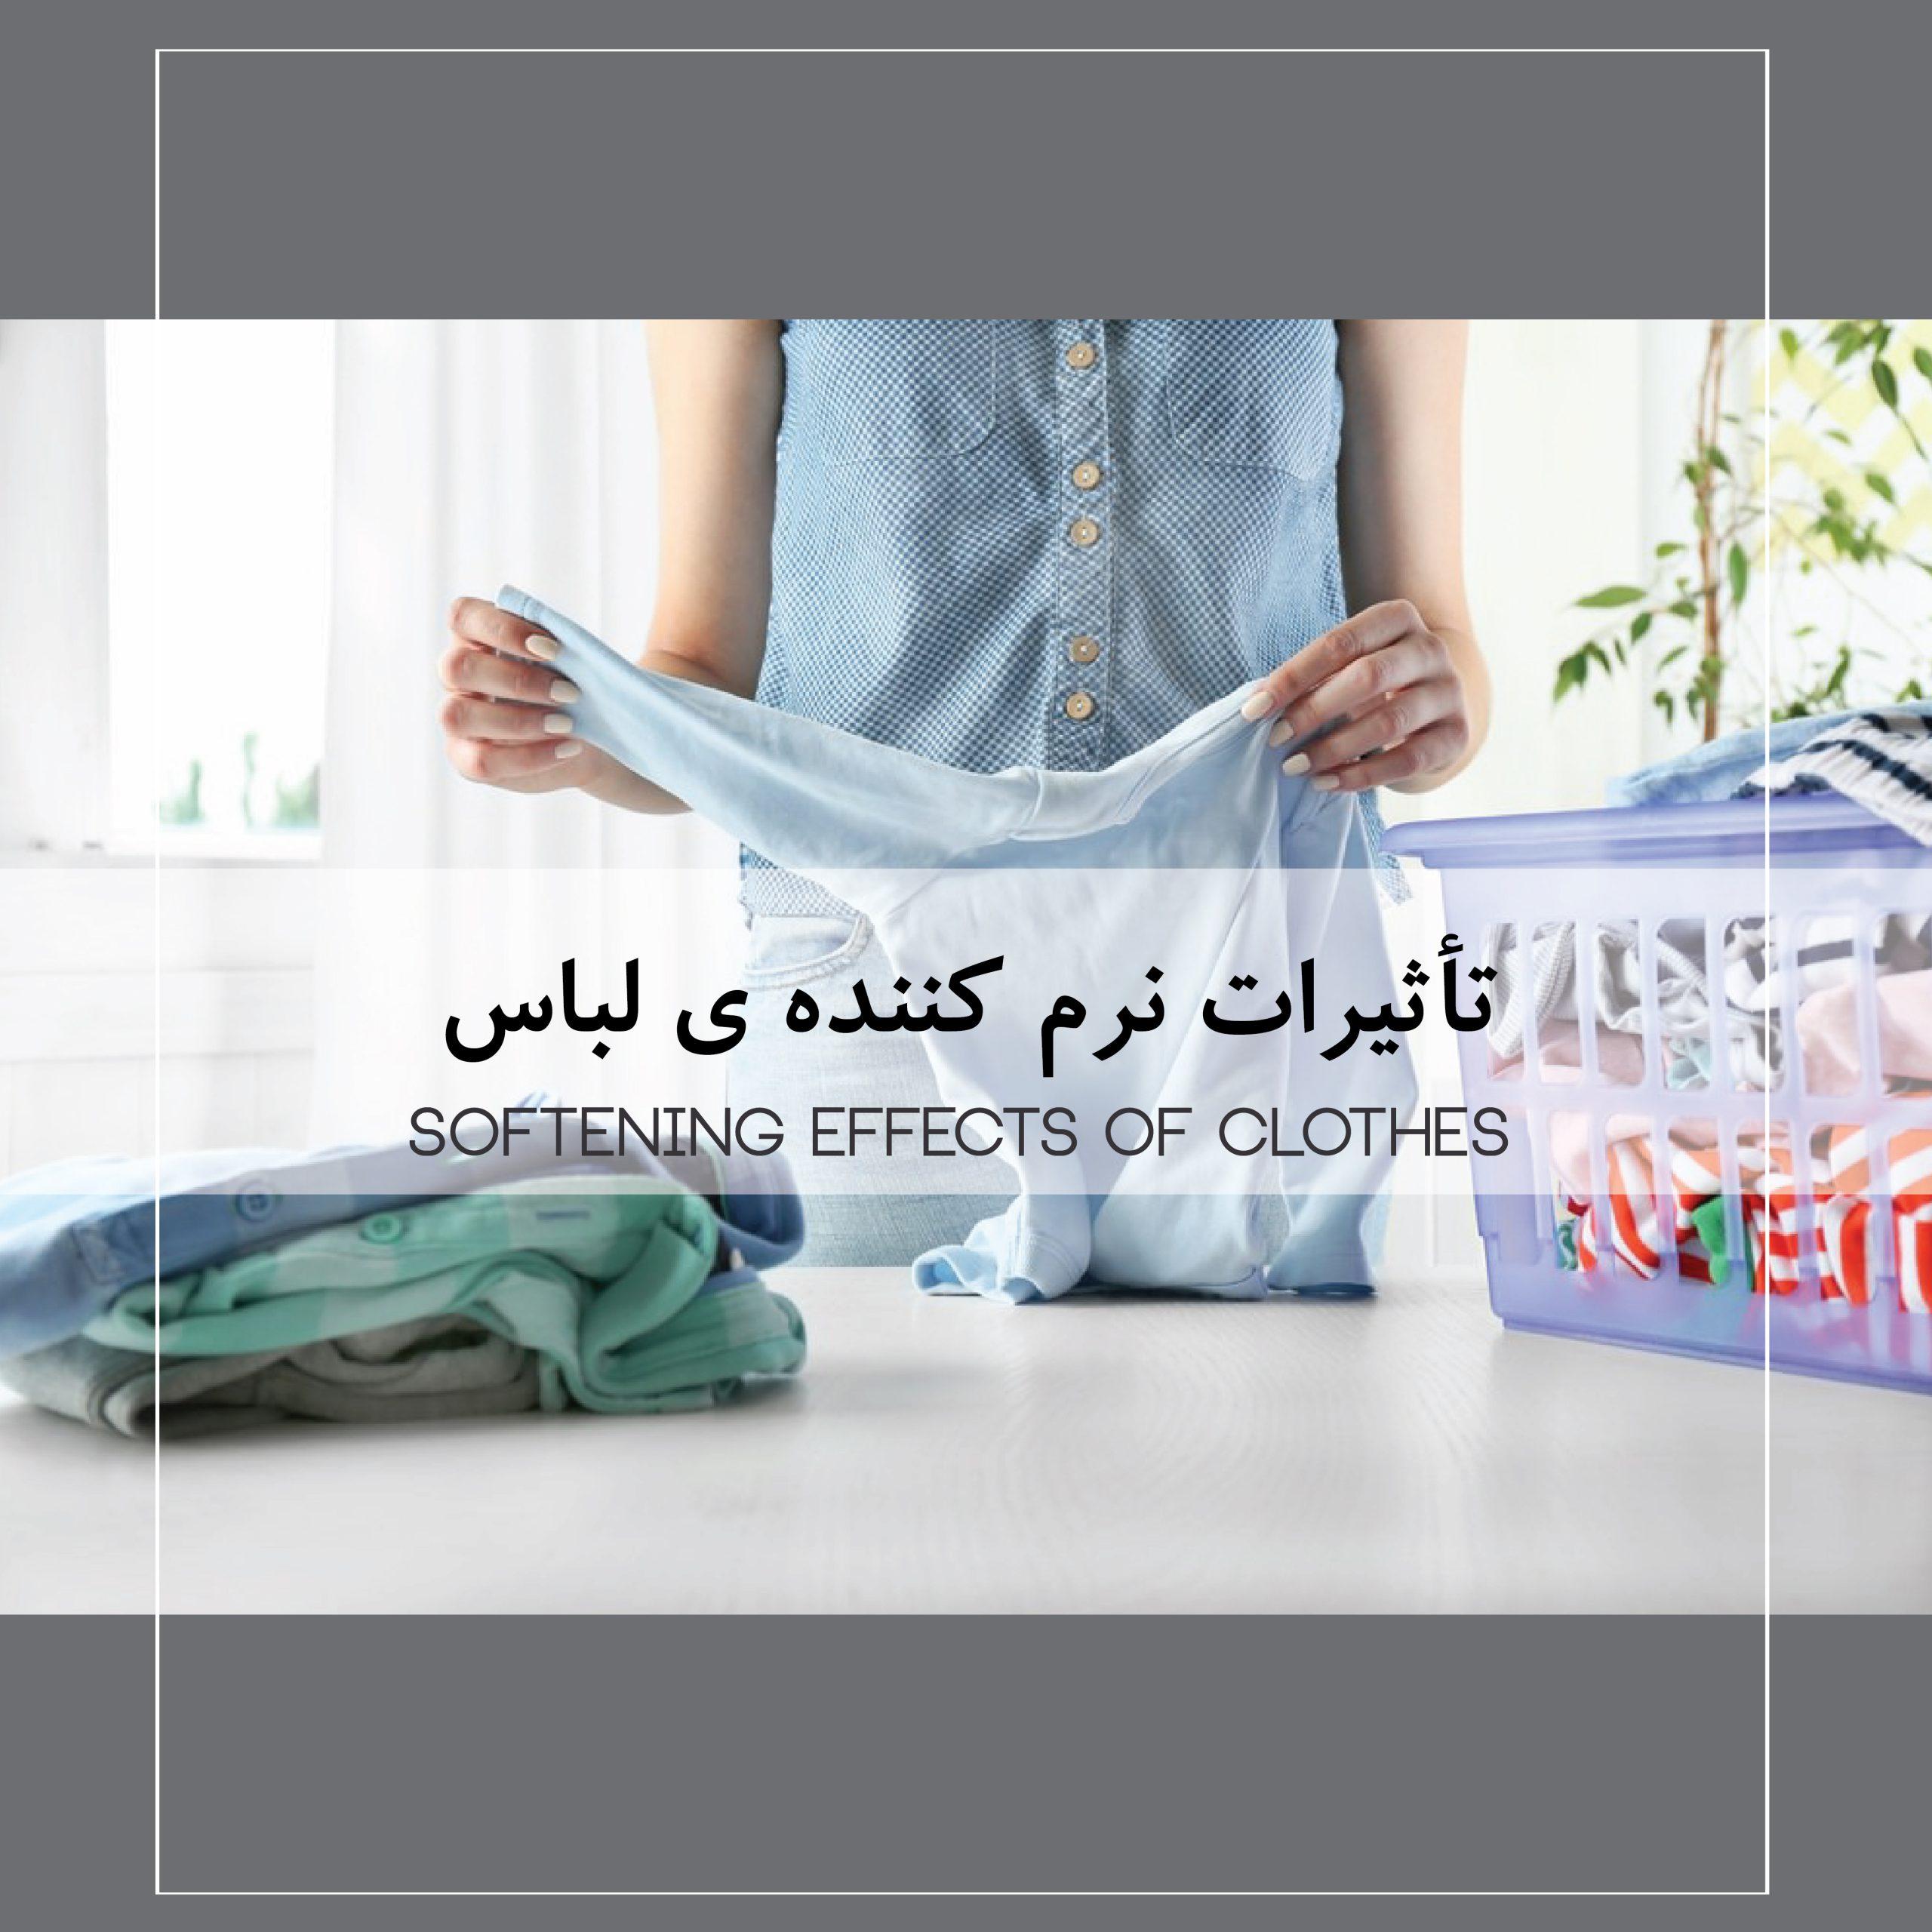 تأثیرات نرم کننده ی لباس